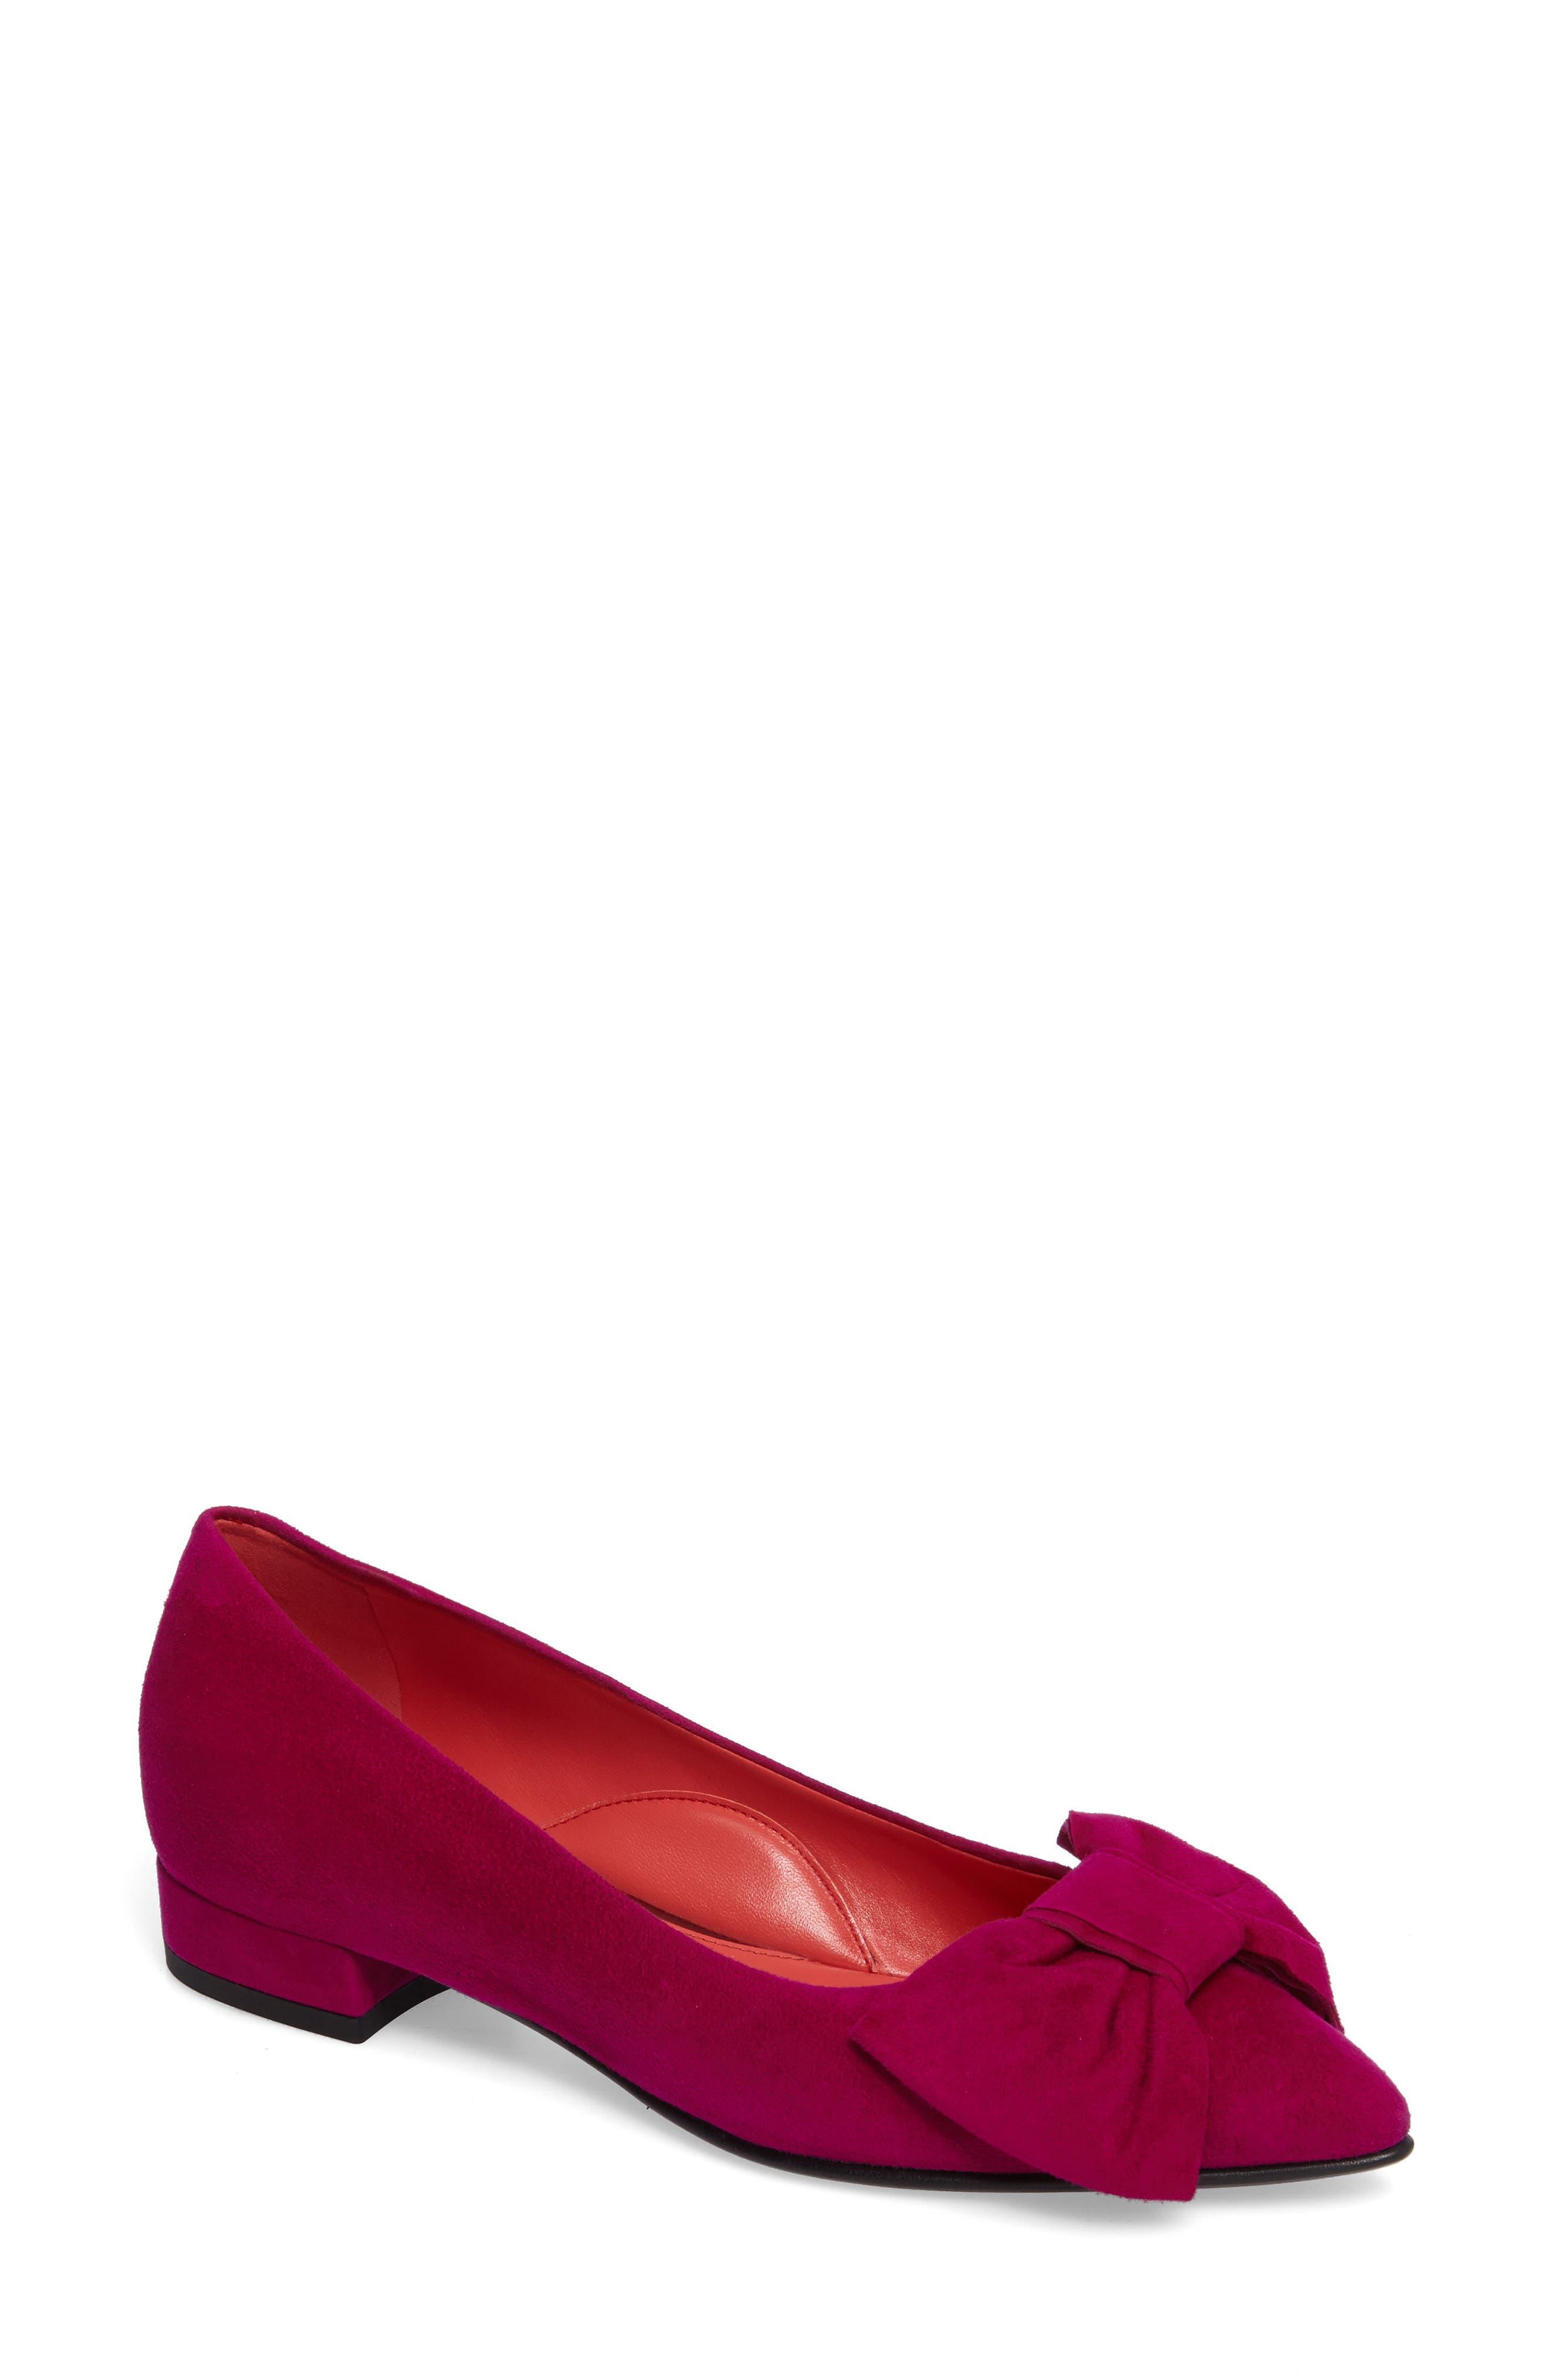 Main Image - Pas de Rouge Bow Detail Pump (Women)